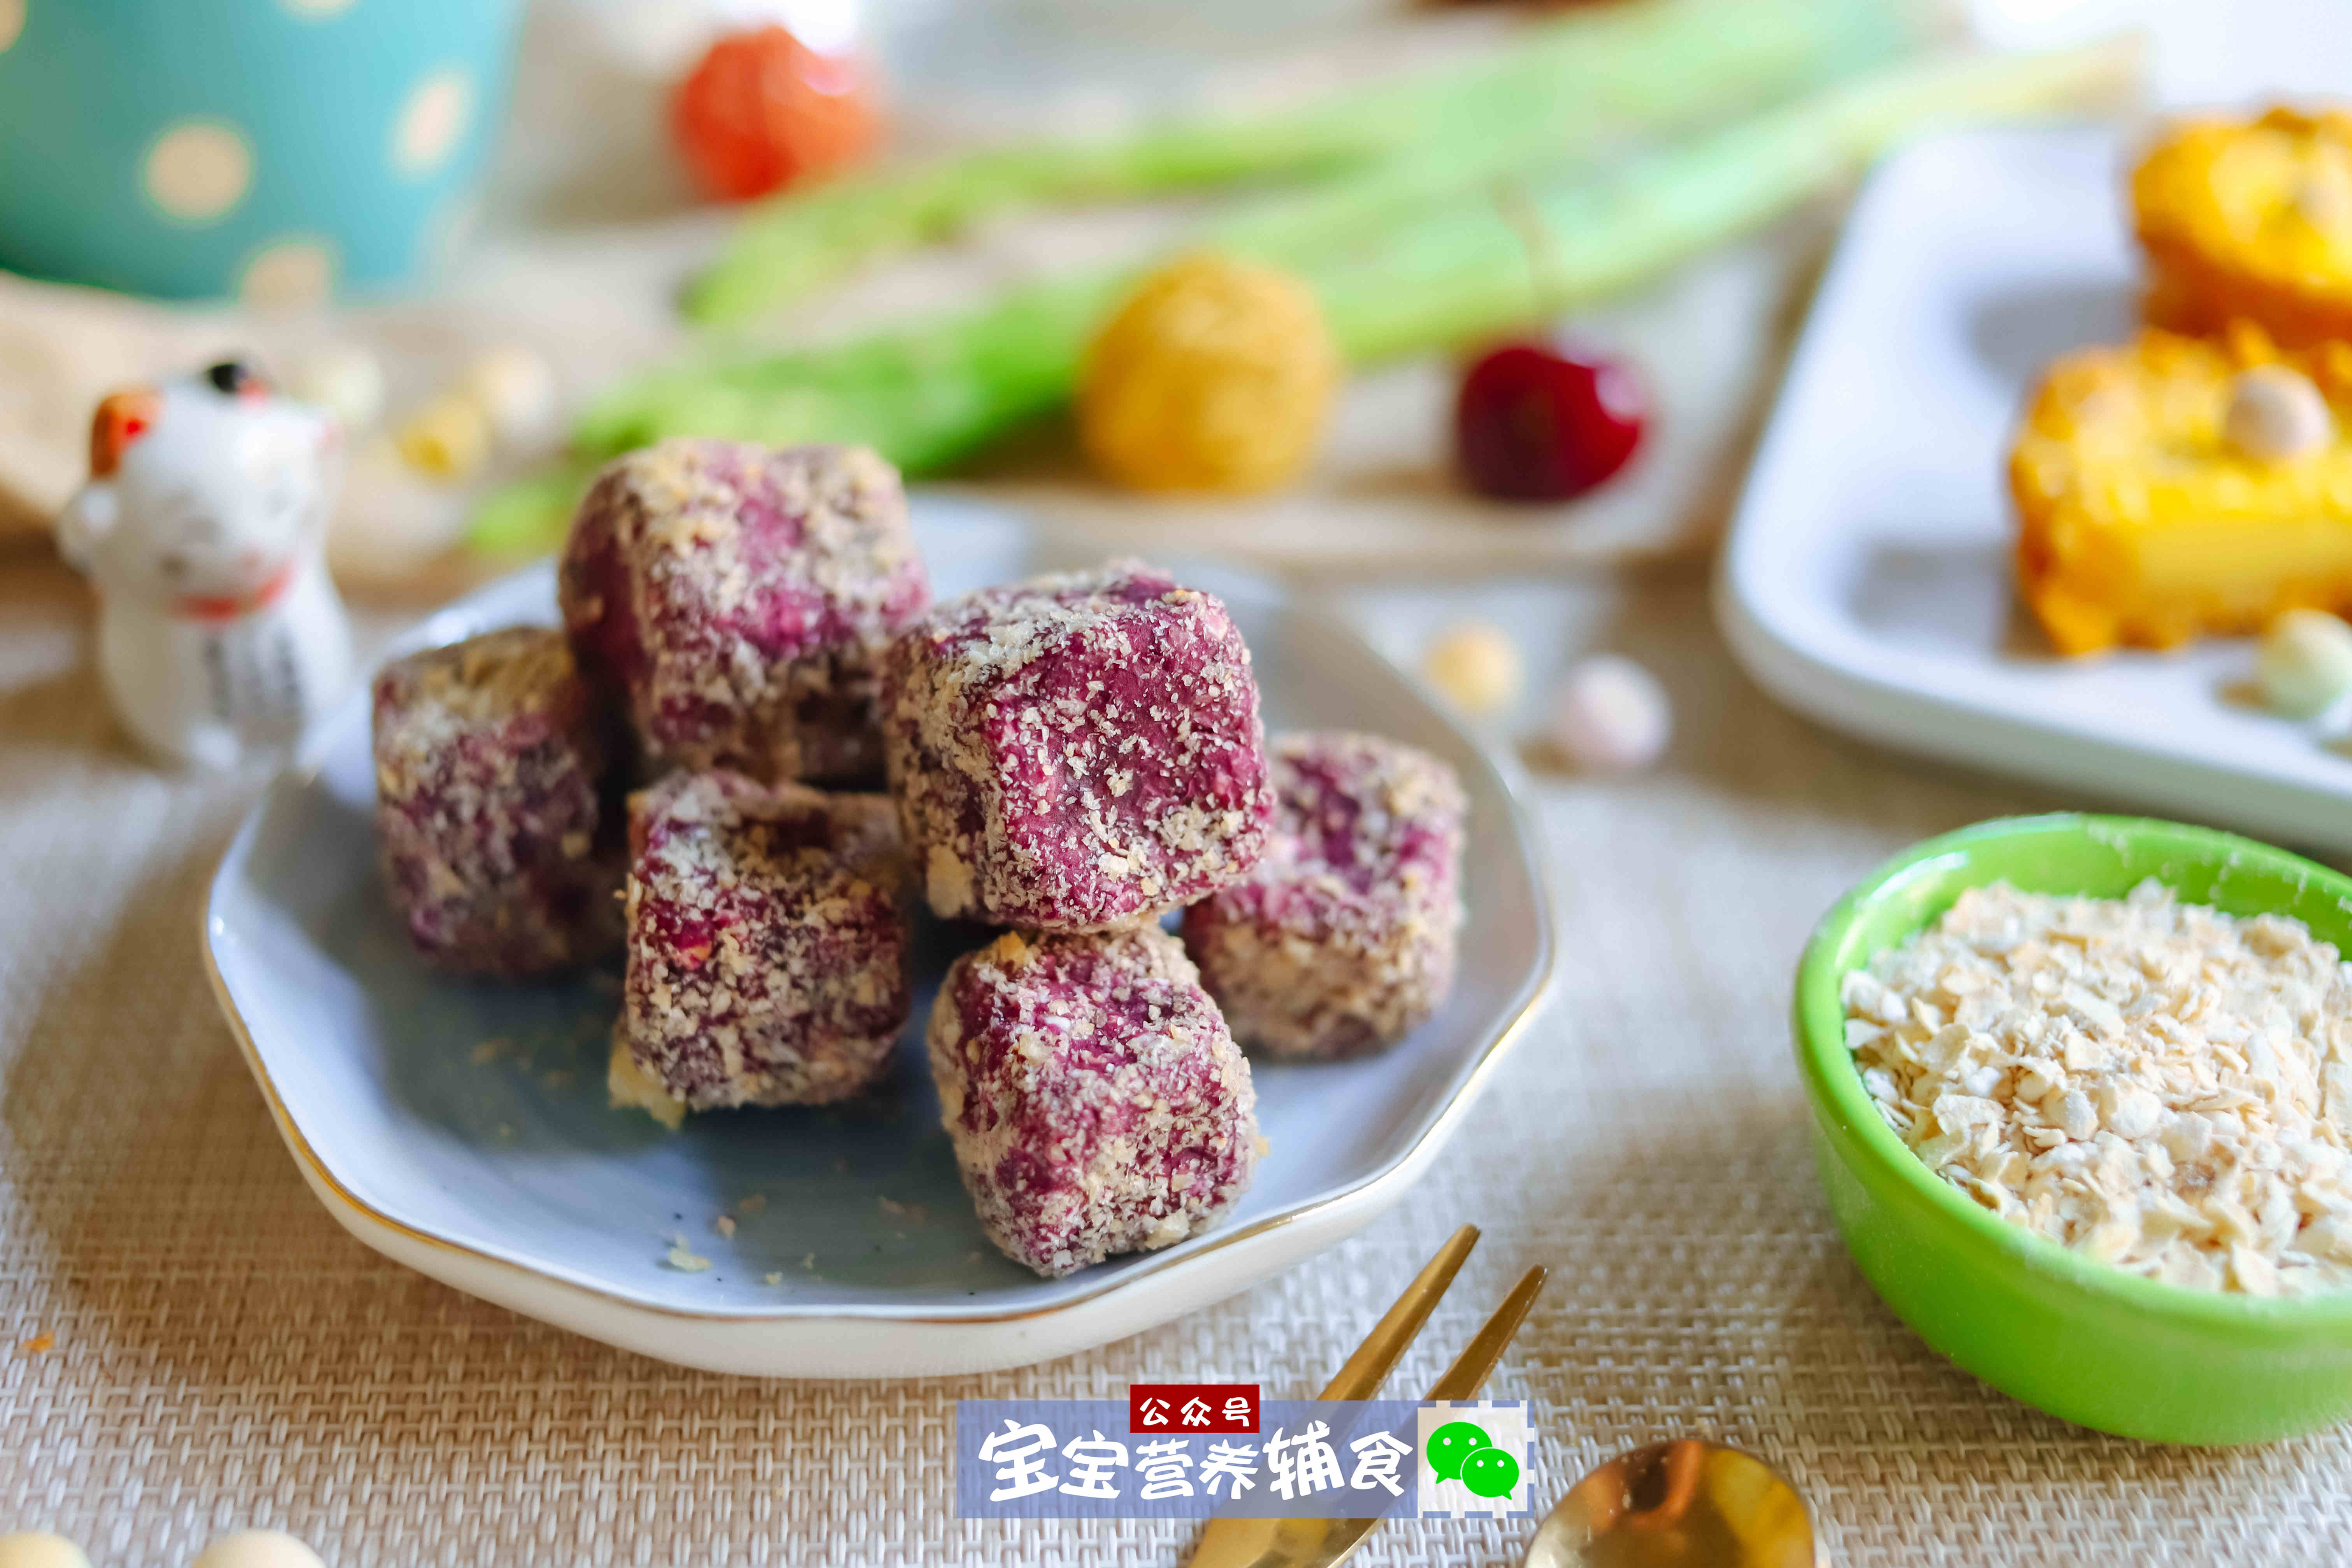 美食-免费yoqq紫薯爆浆燕麦方~宝宝辅食yoqq资源(2)